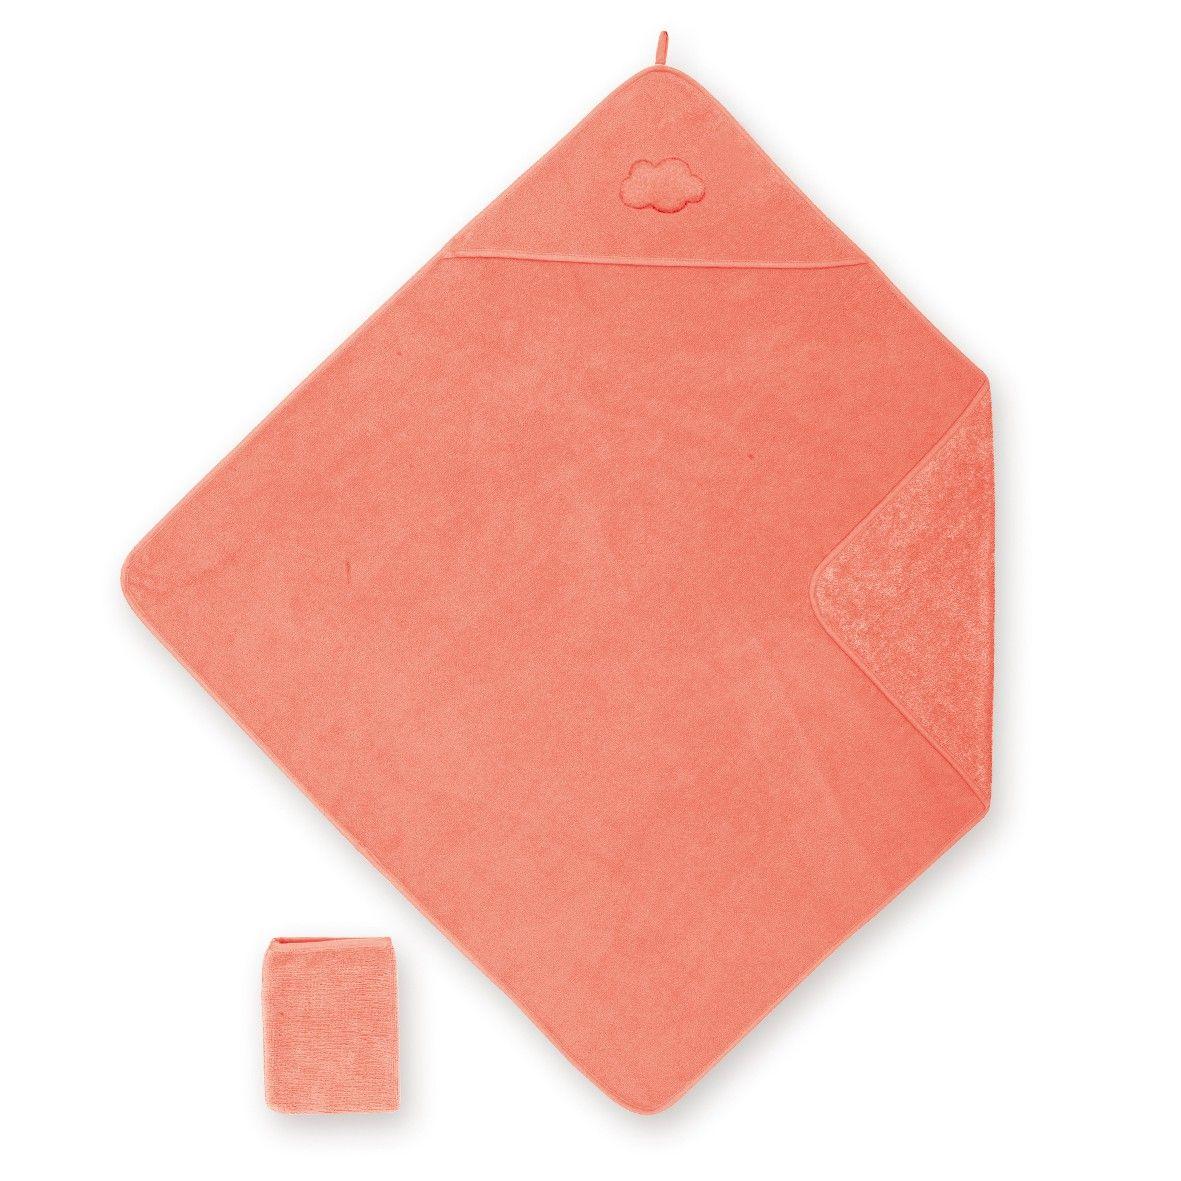 Oranje badcape + washandje van het merk Bemini in het materiaal Bamboo De zachte en absorberende badcape vergemakkelijkt door zijn extra grote maat het wikkelen van de baby na zijn badje. De dubbelzijdige badstof geeft de nodige zachtheid aan baby's gevoelige huid.